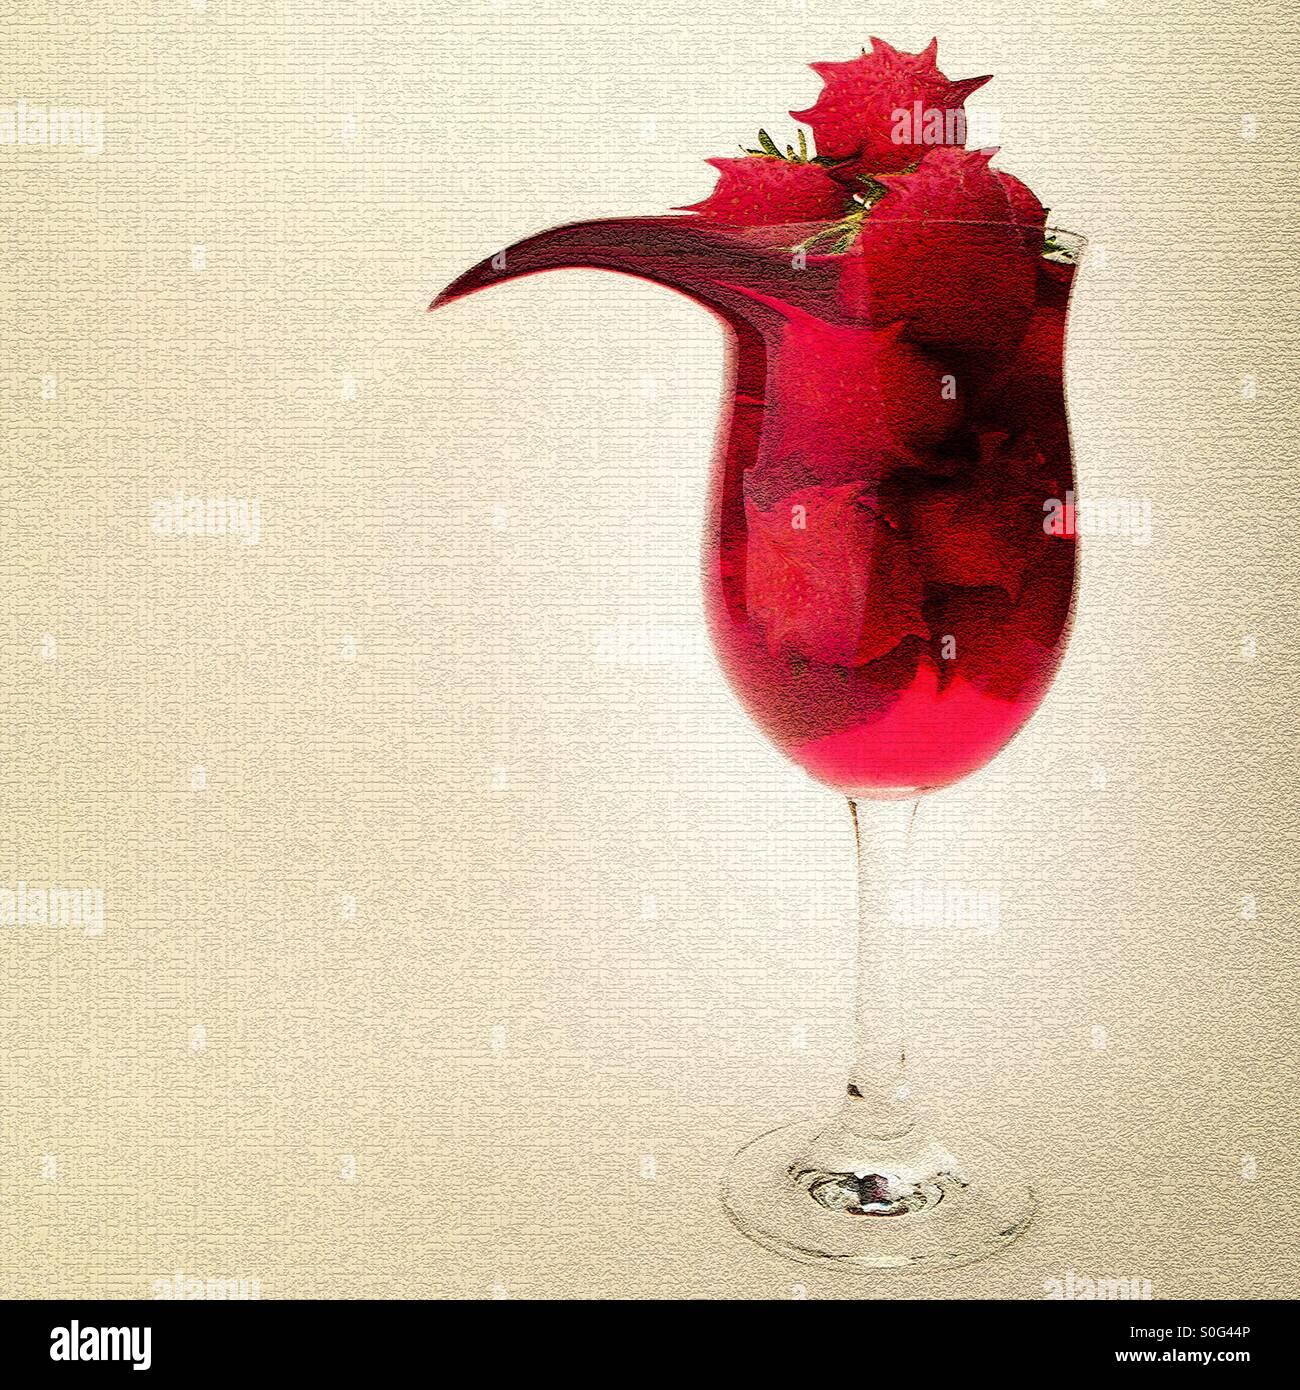 Surrealista imagen manipulada mostrando las fresas y el zumo en un vaso alto. Imagen De Stock